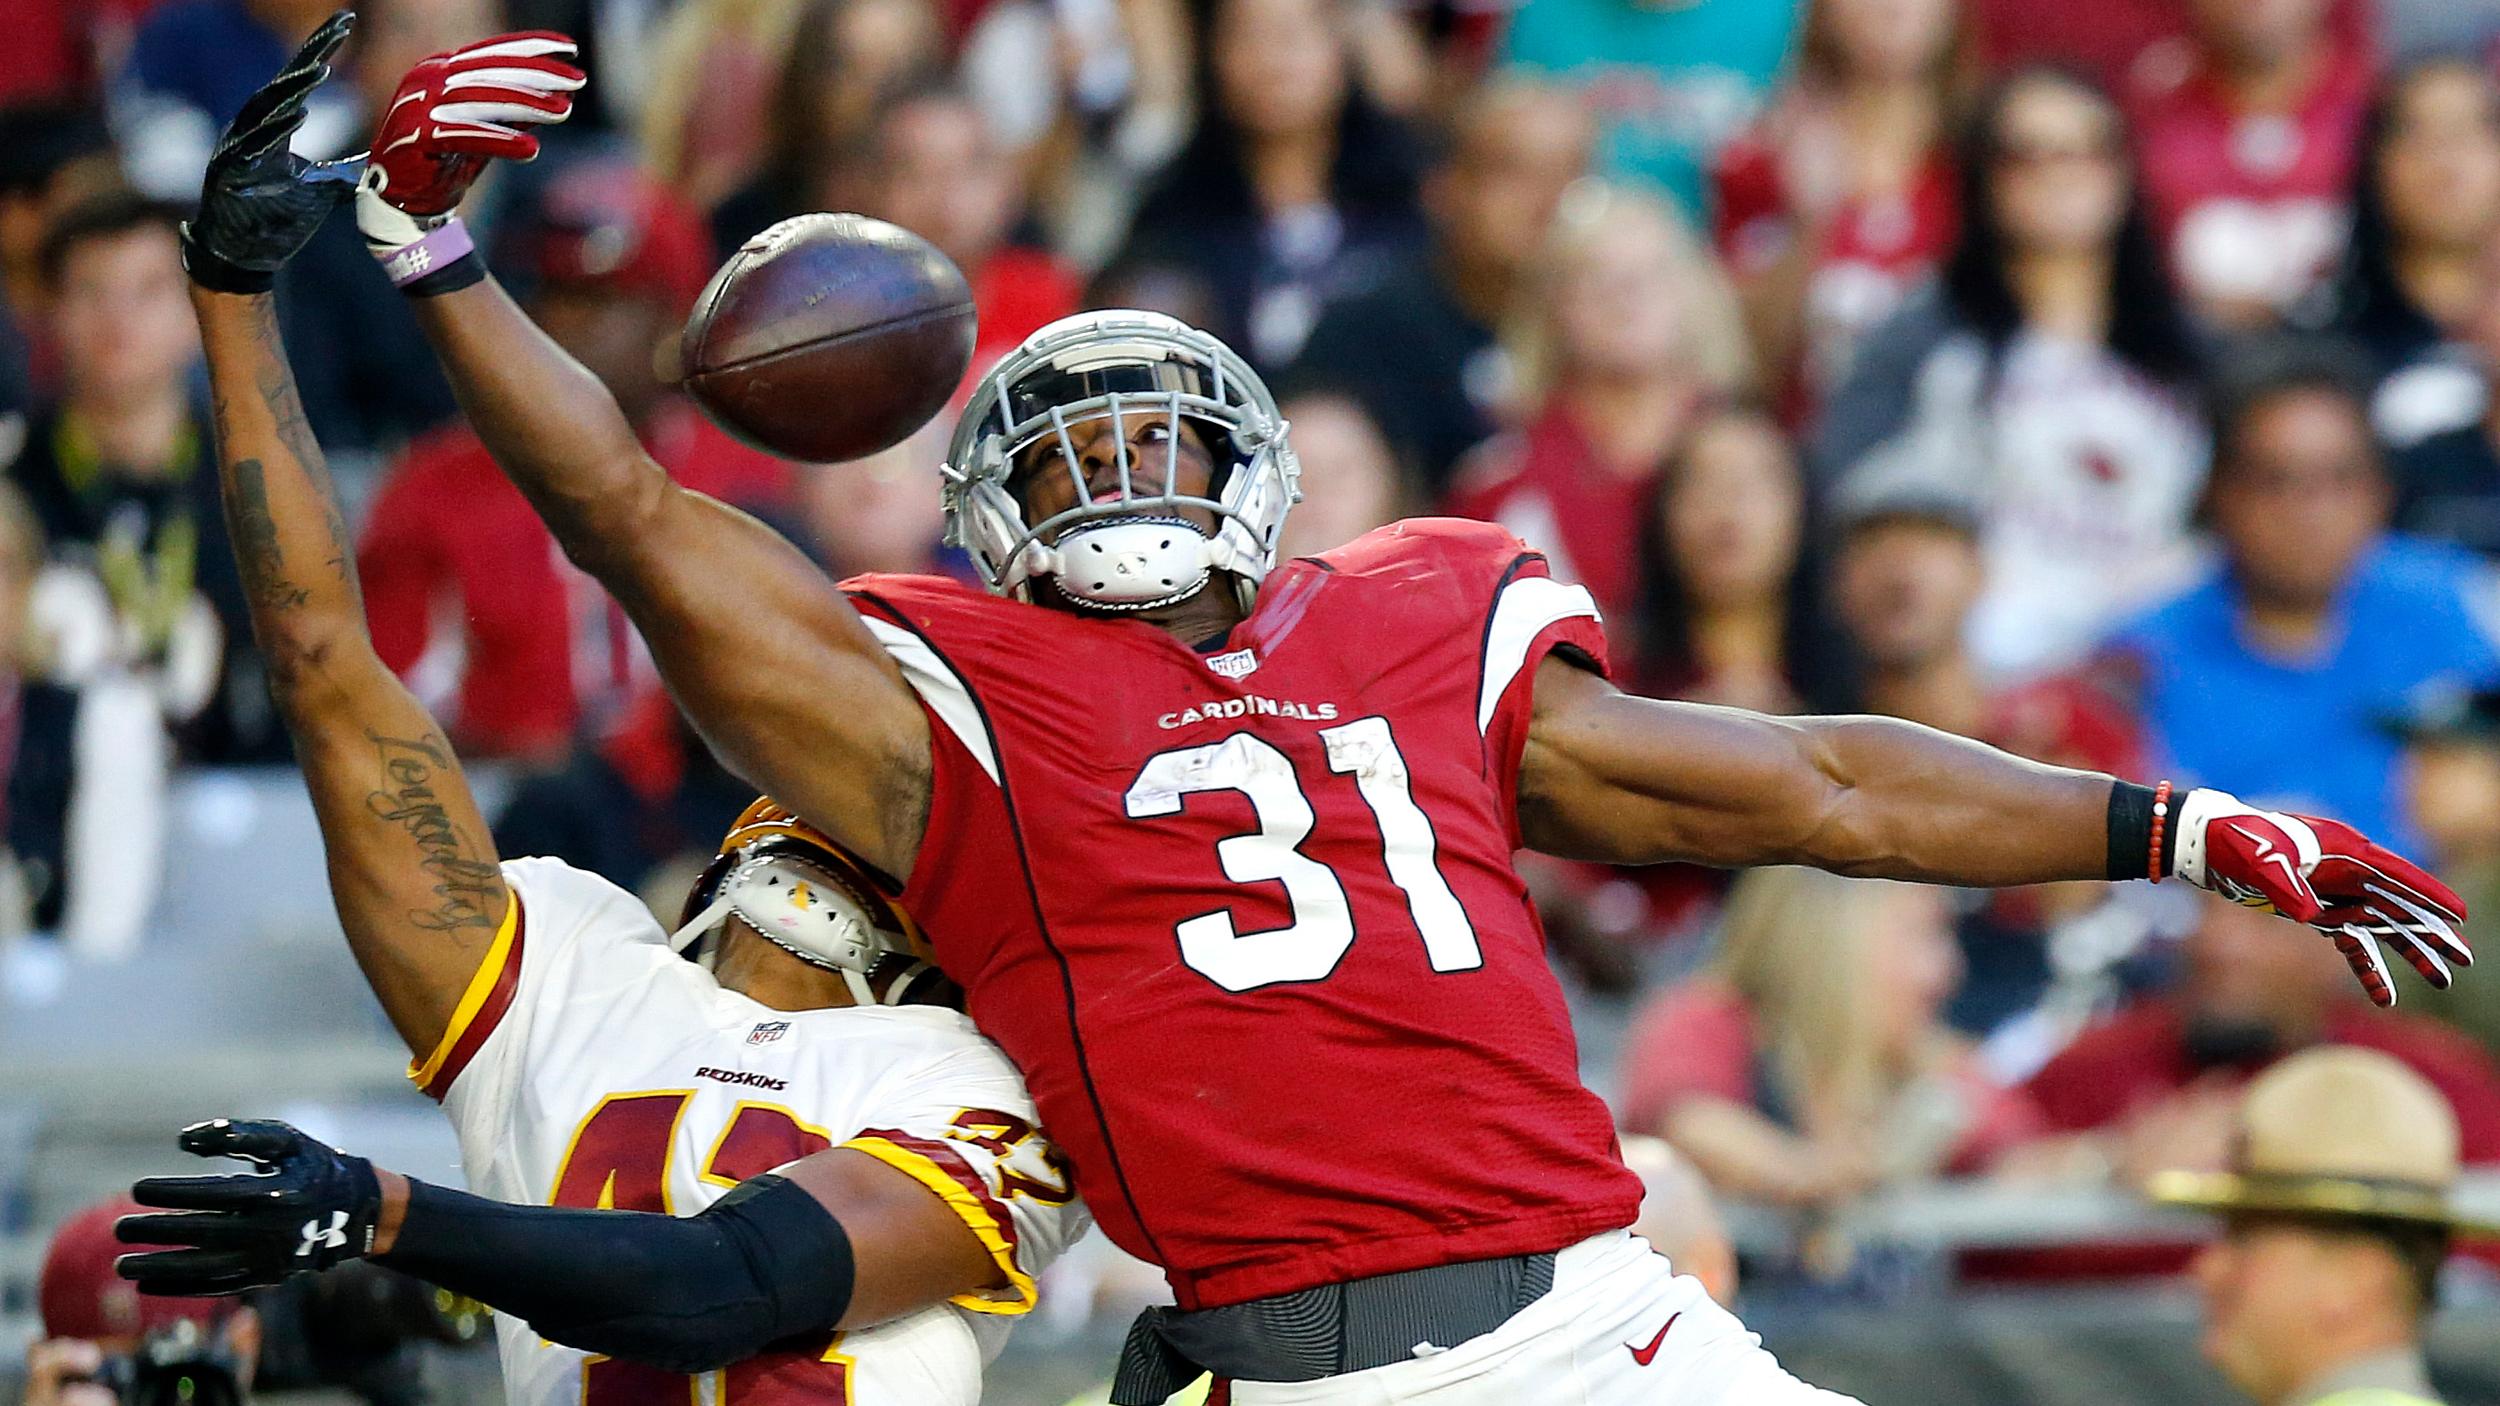 APTOPIX Redskins Cardinals Football